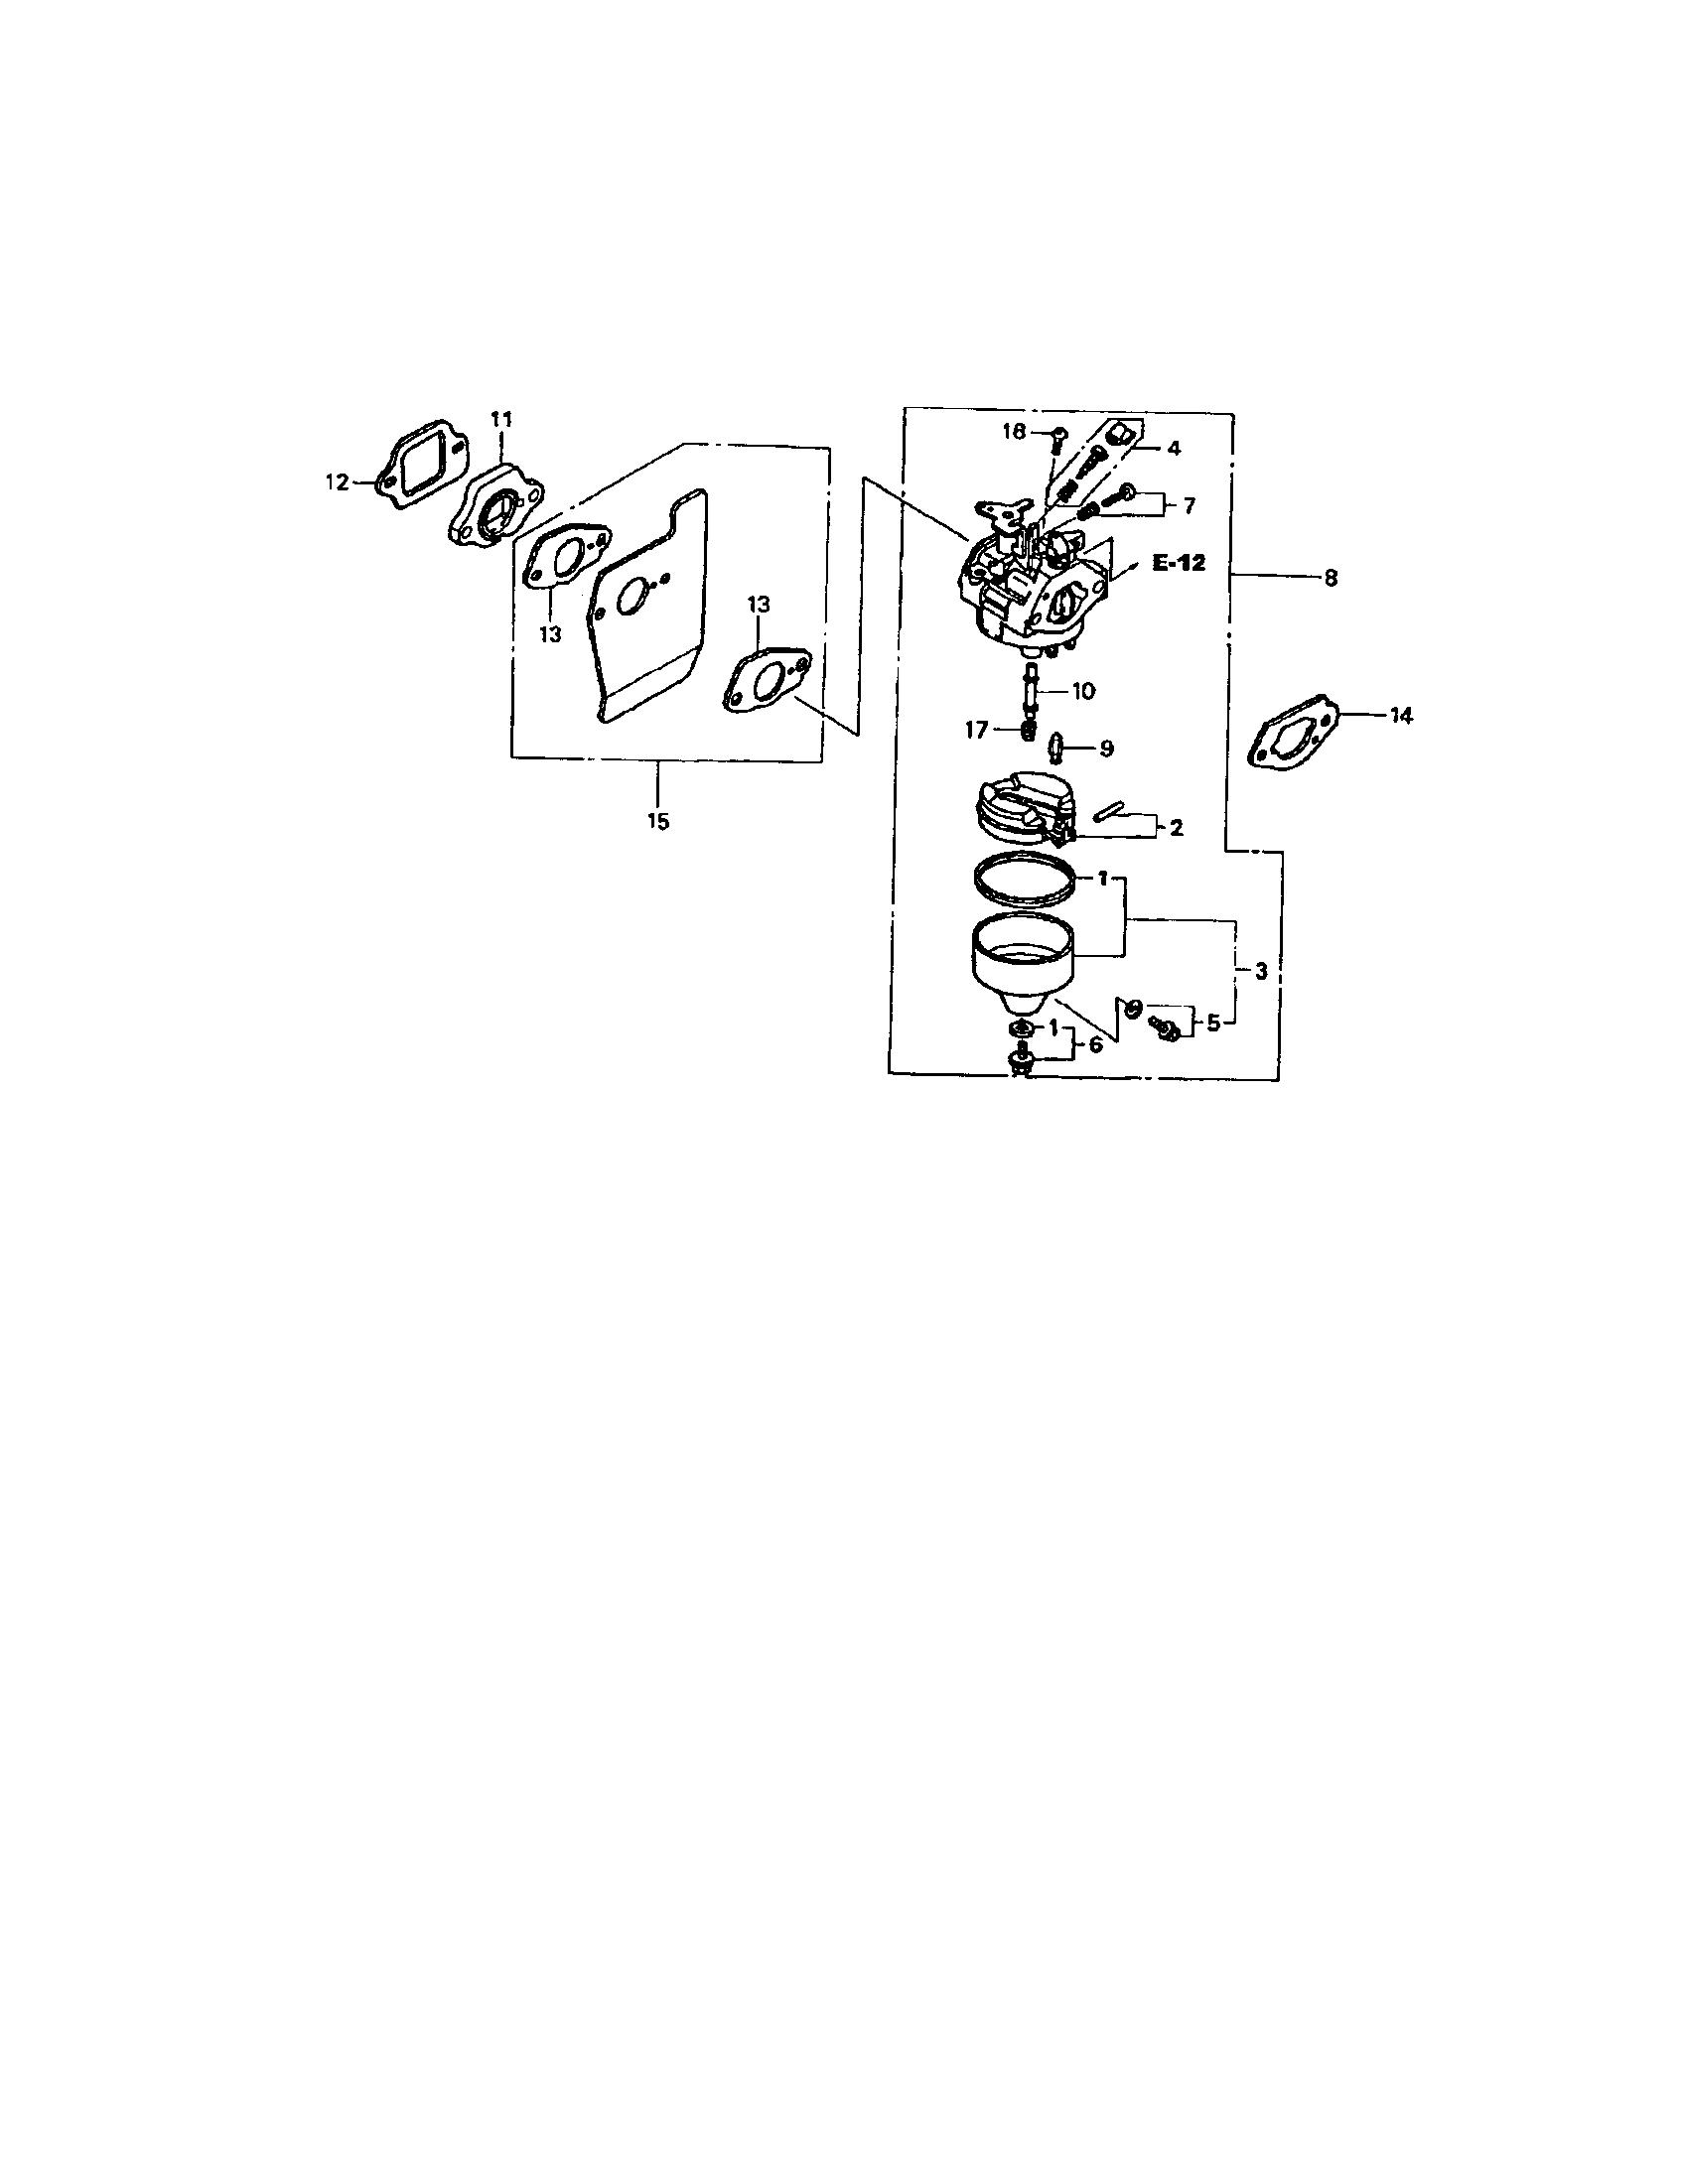 Honda model GCV-190-AS3A engine genuine parts